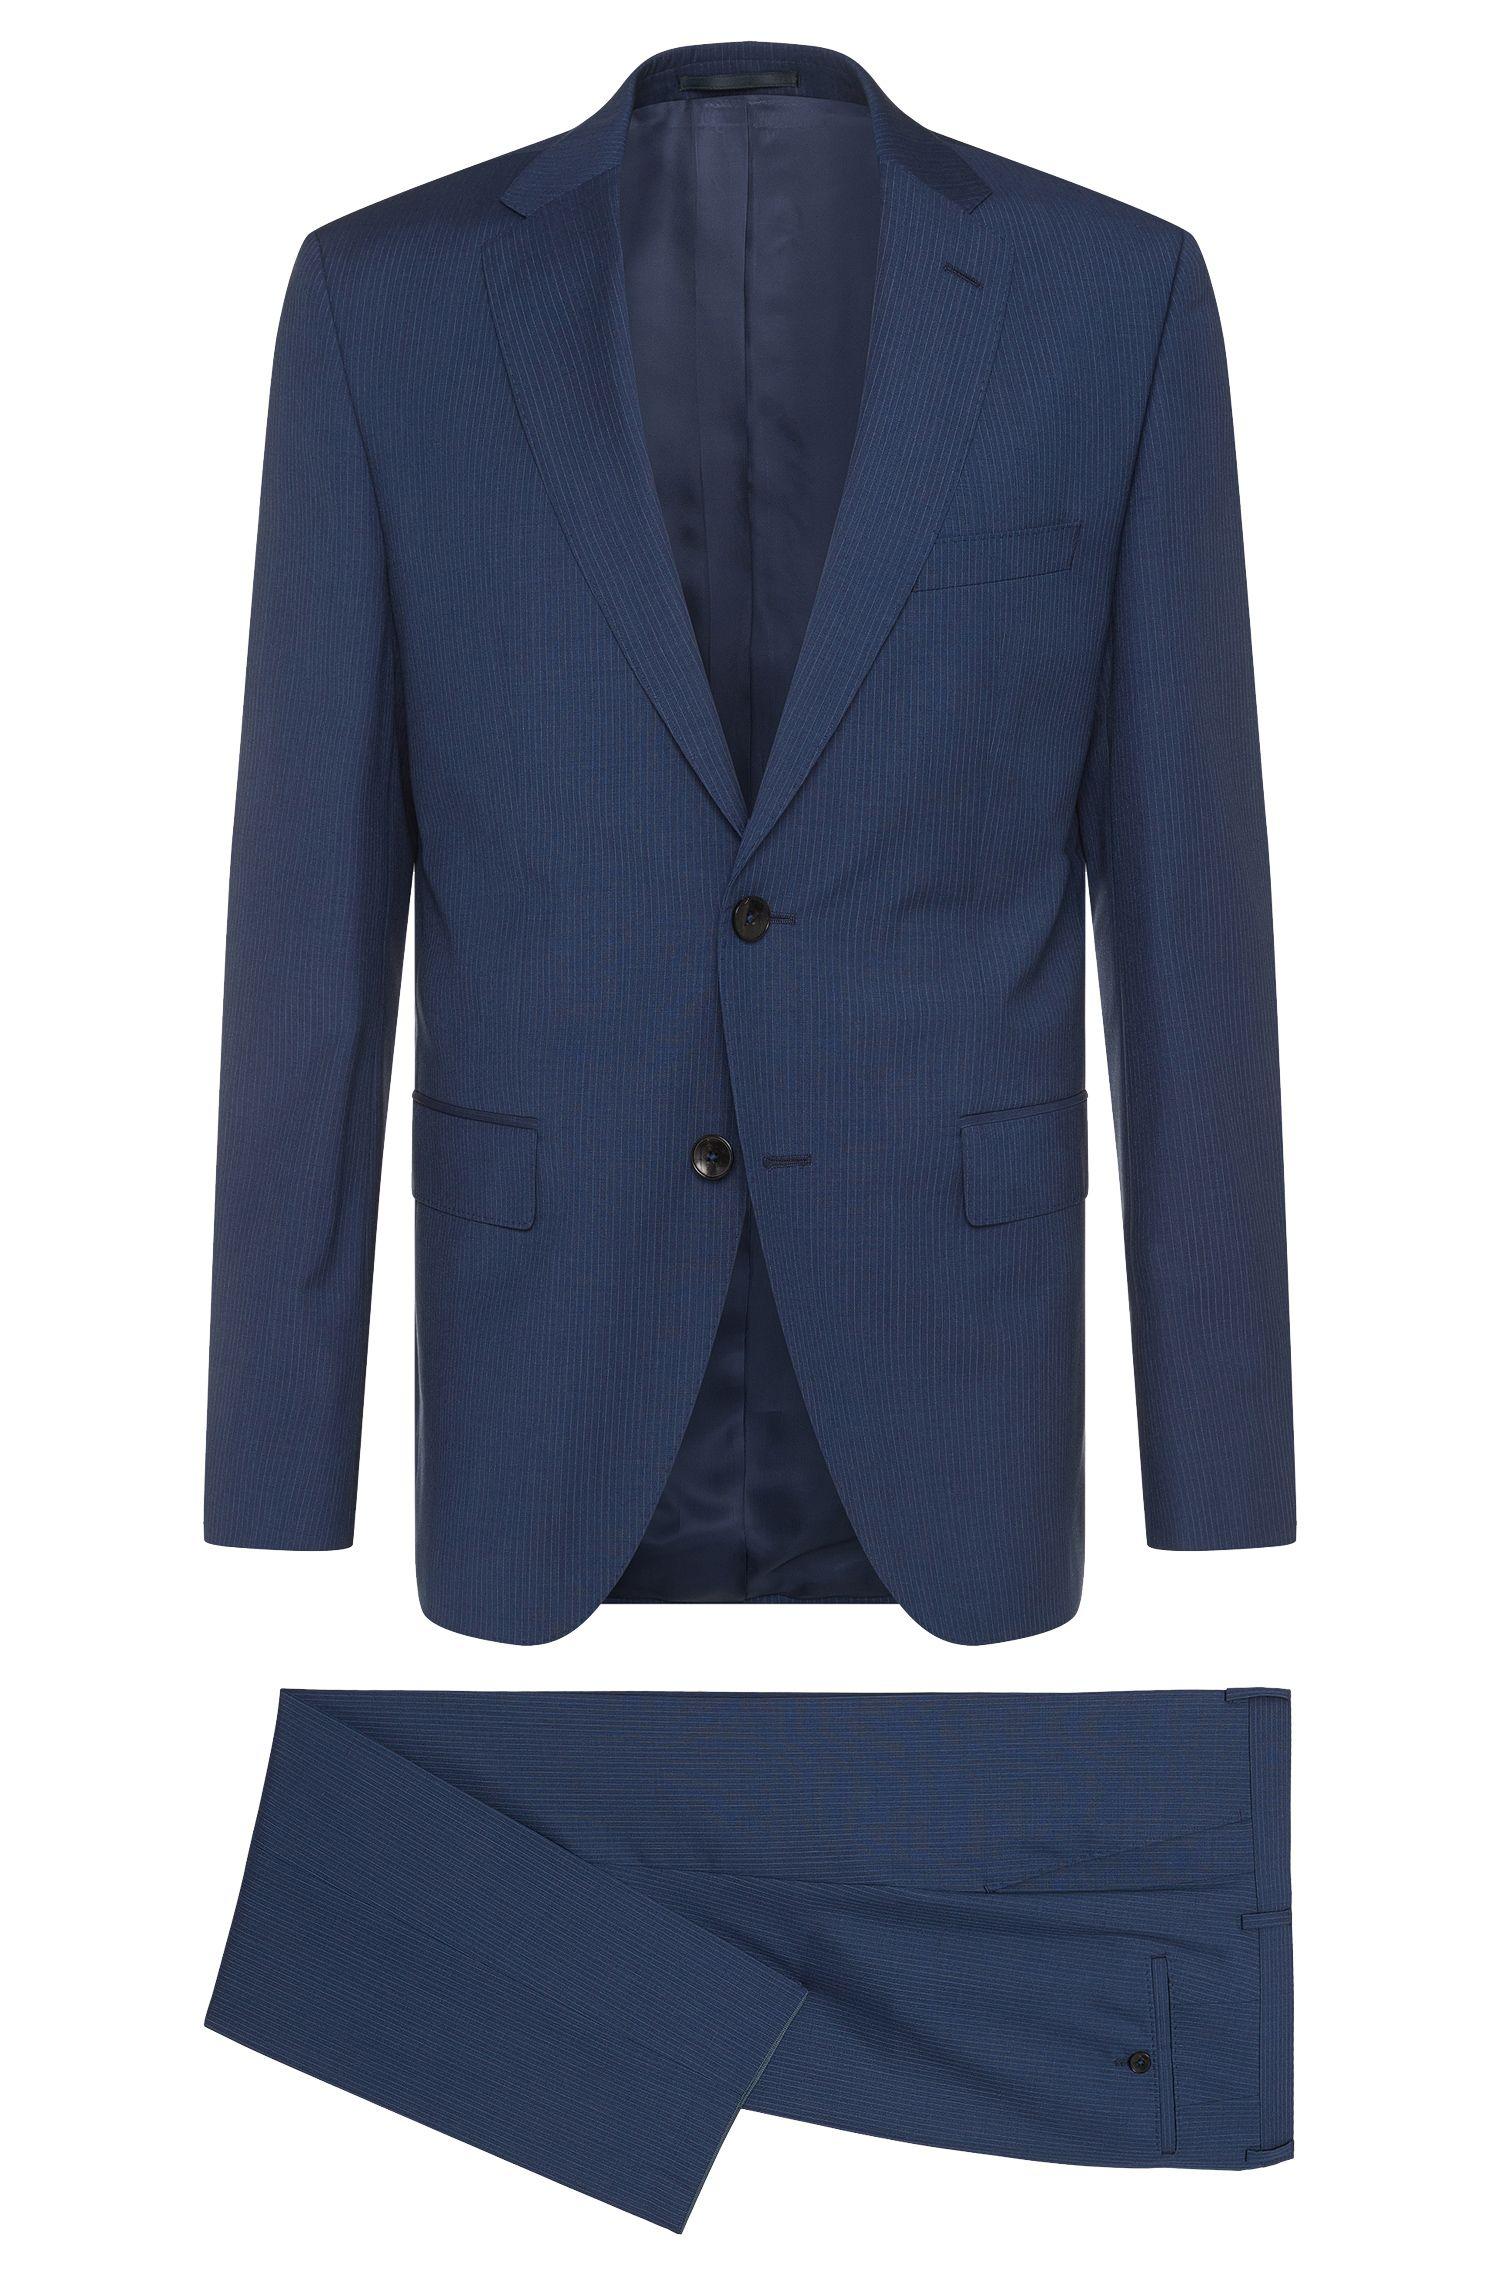 Italian Super 110 Virgin Wool Suit, Regular Fit | Johnstons/Lenon